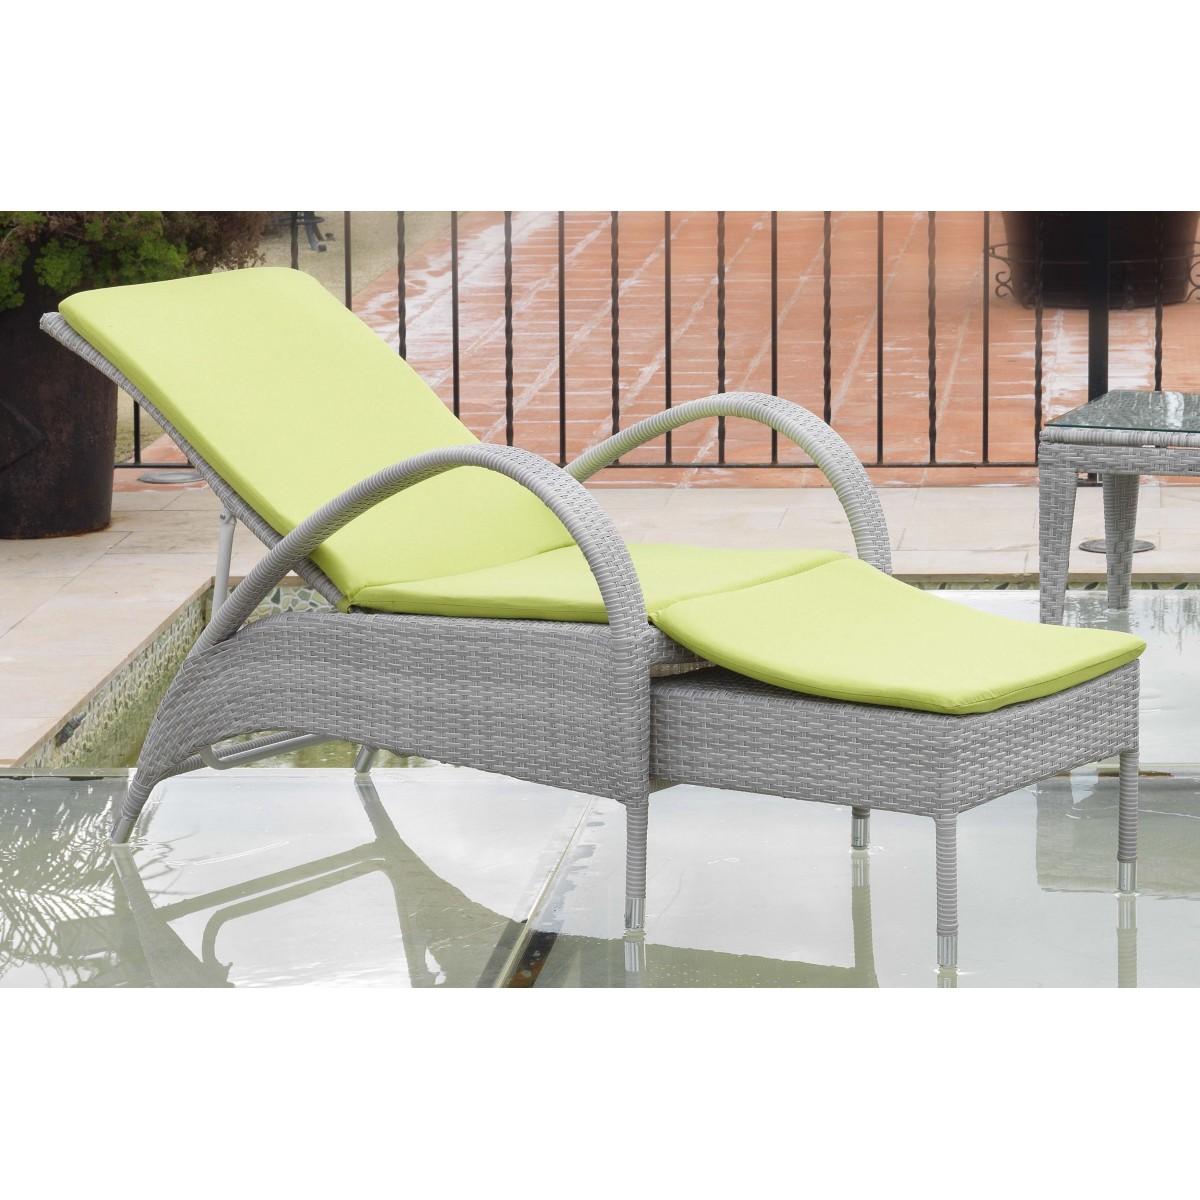 Chaise longue en aluminium et r sine grise sp cial ext rieur - Chaise longue en resine ...